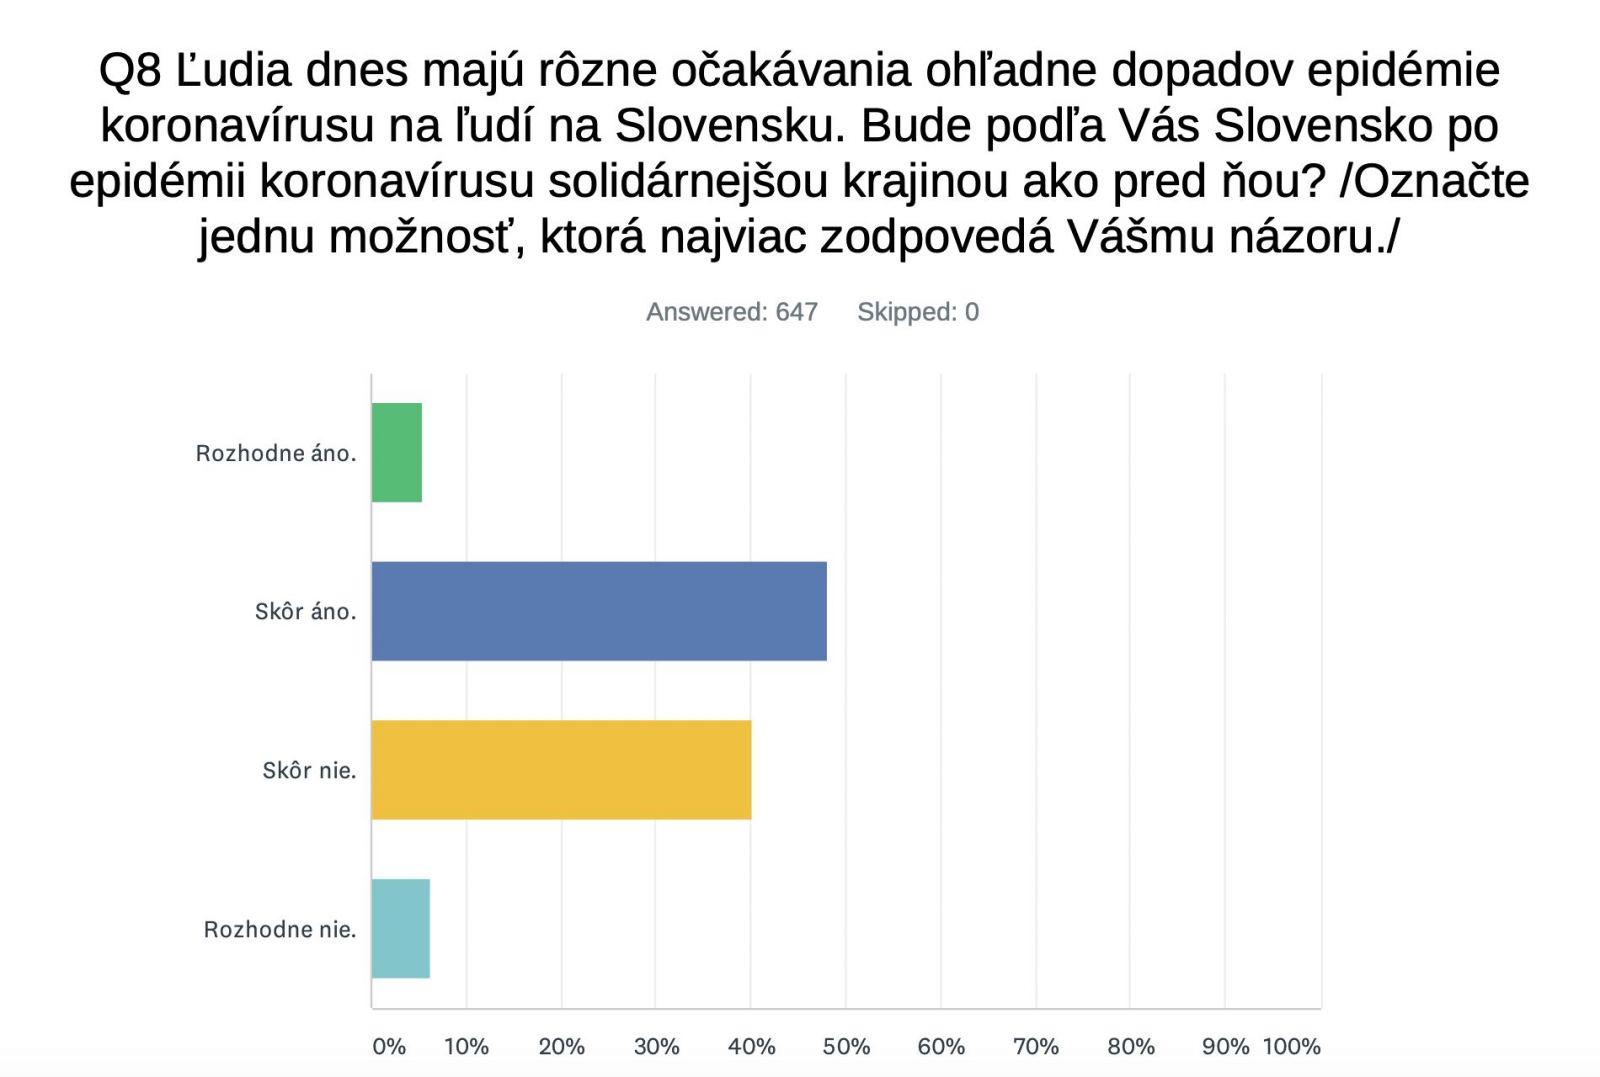 Ako vnímajú koronavírus Slováci? Väčšina súhlasí s prísnymi opatreniami, na Boží trest alebo vírus z labáku neveria